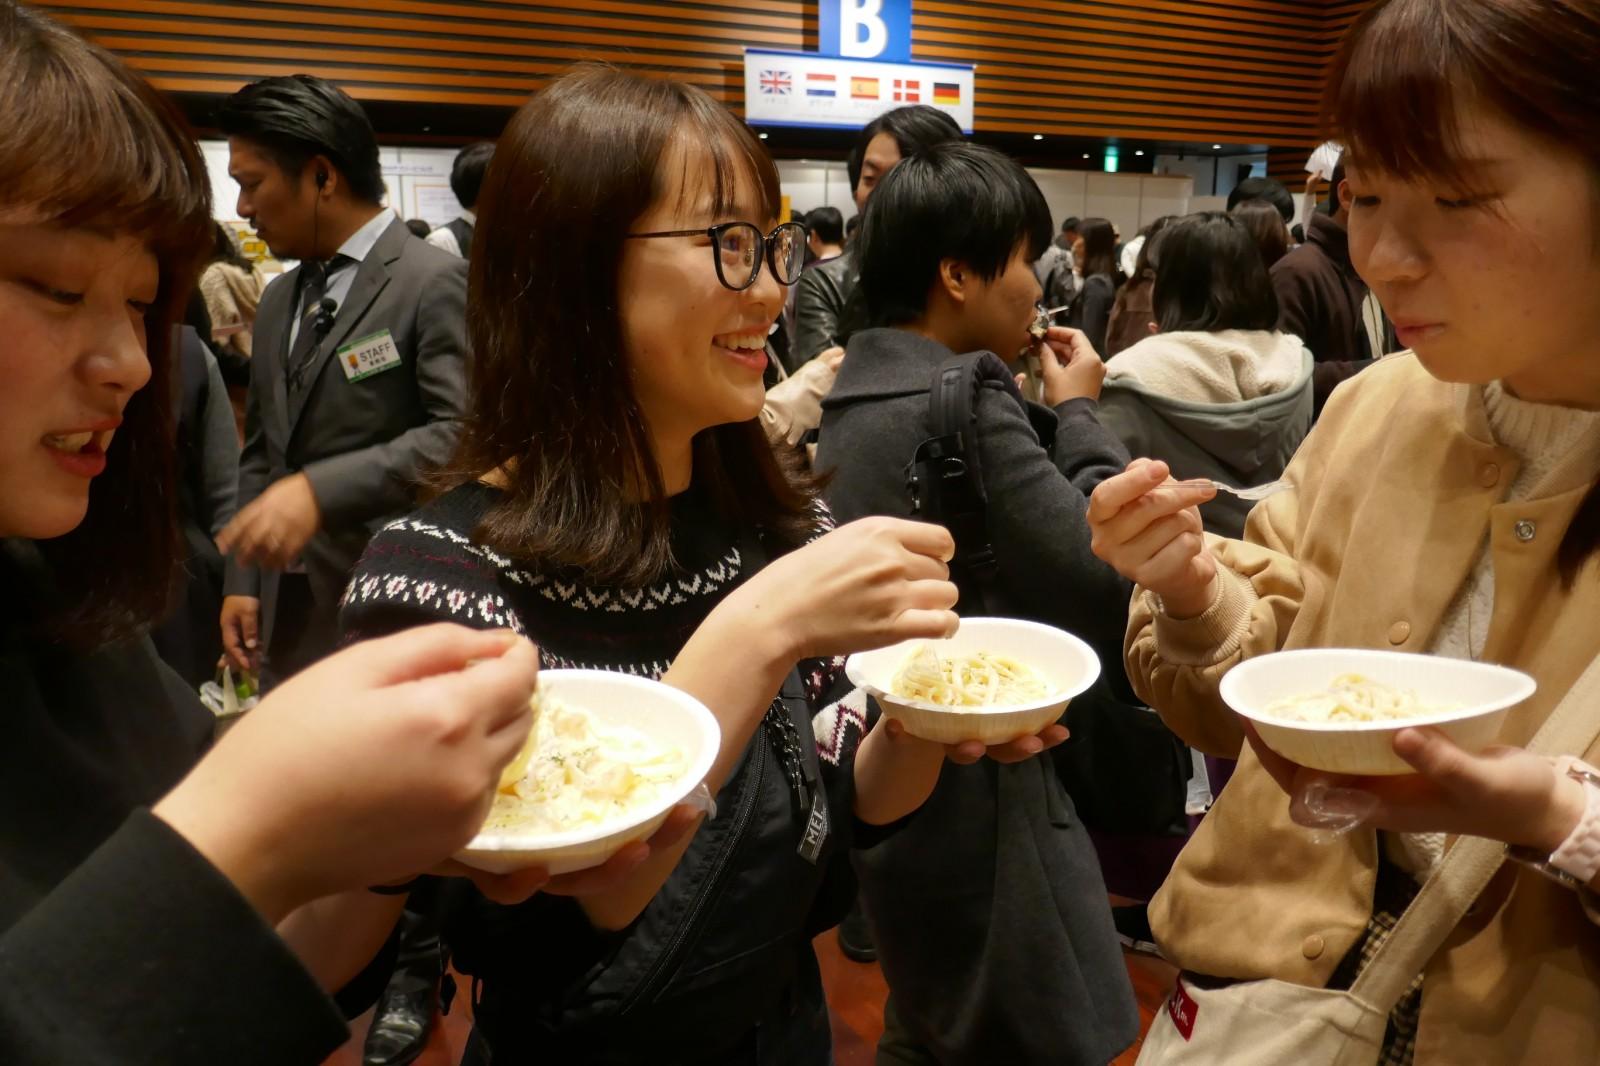 チーズフェスタ2019 冷凍パスタ×チーズメニュー大好評♡チーズの消費は料理で伸びる~